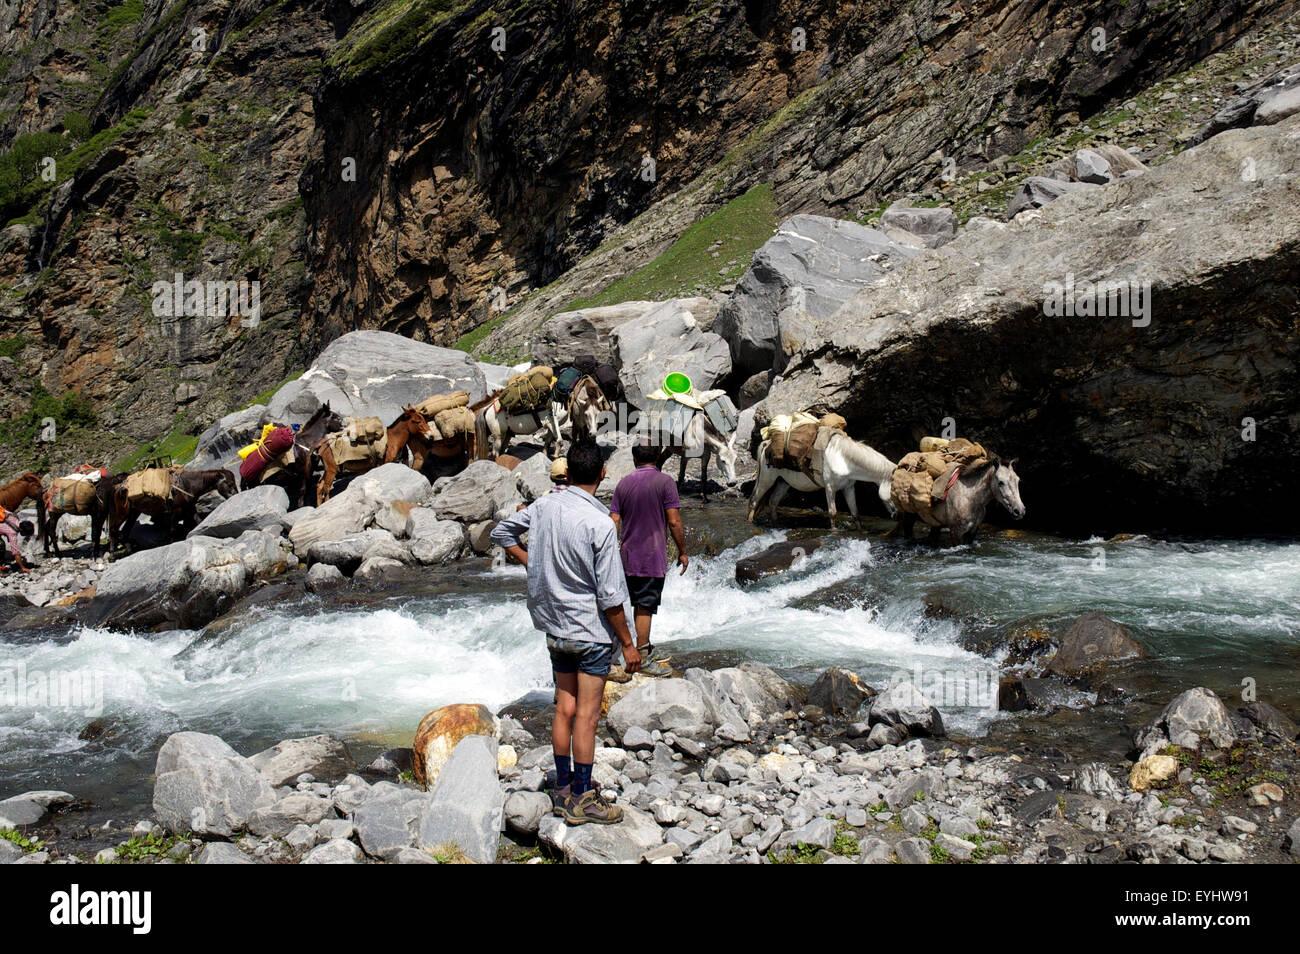 Pack mules negotiate a glacial river in Himachal Pradesh, India - Stock Image